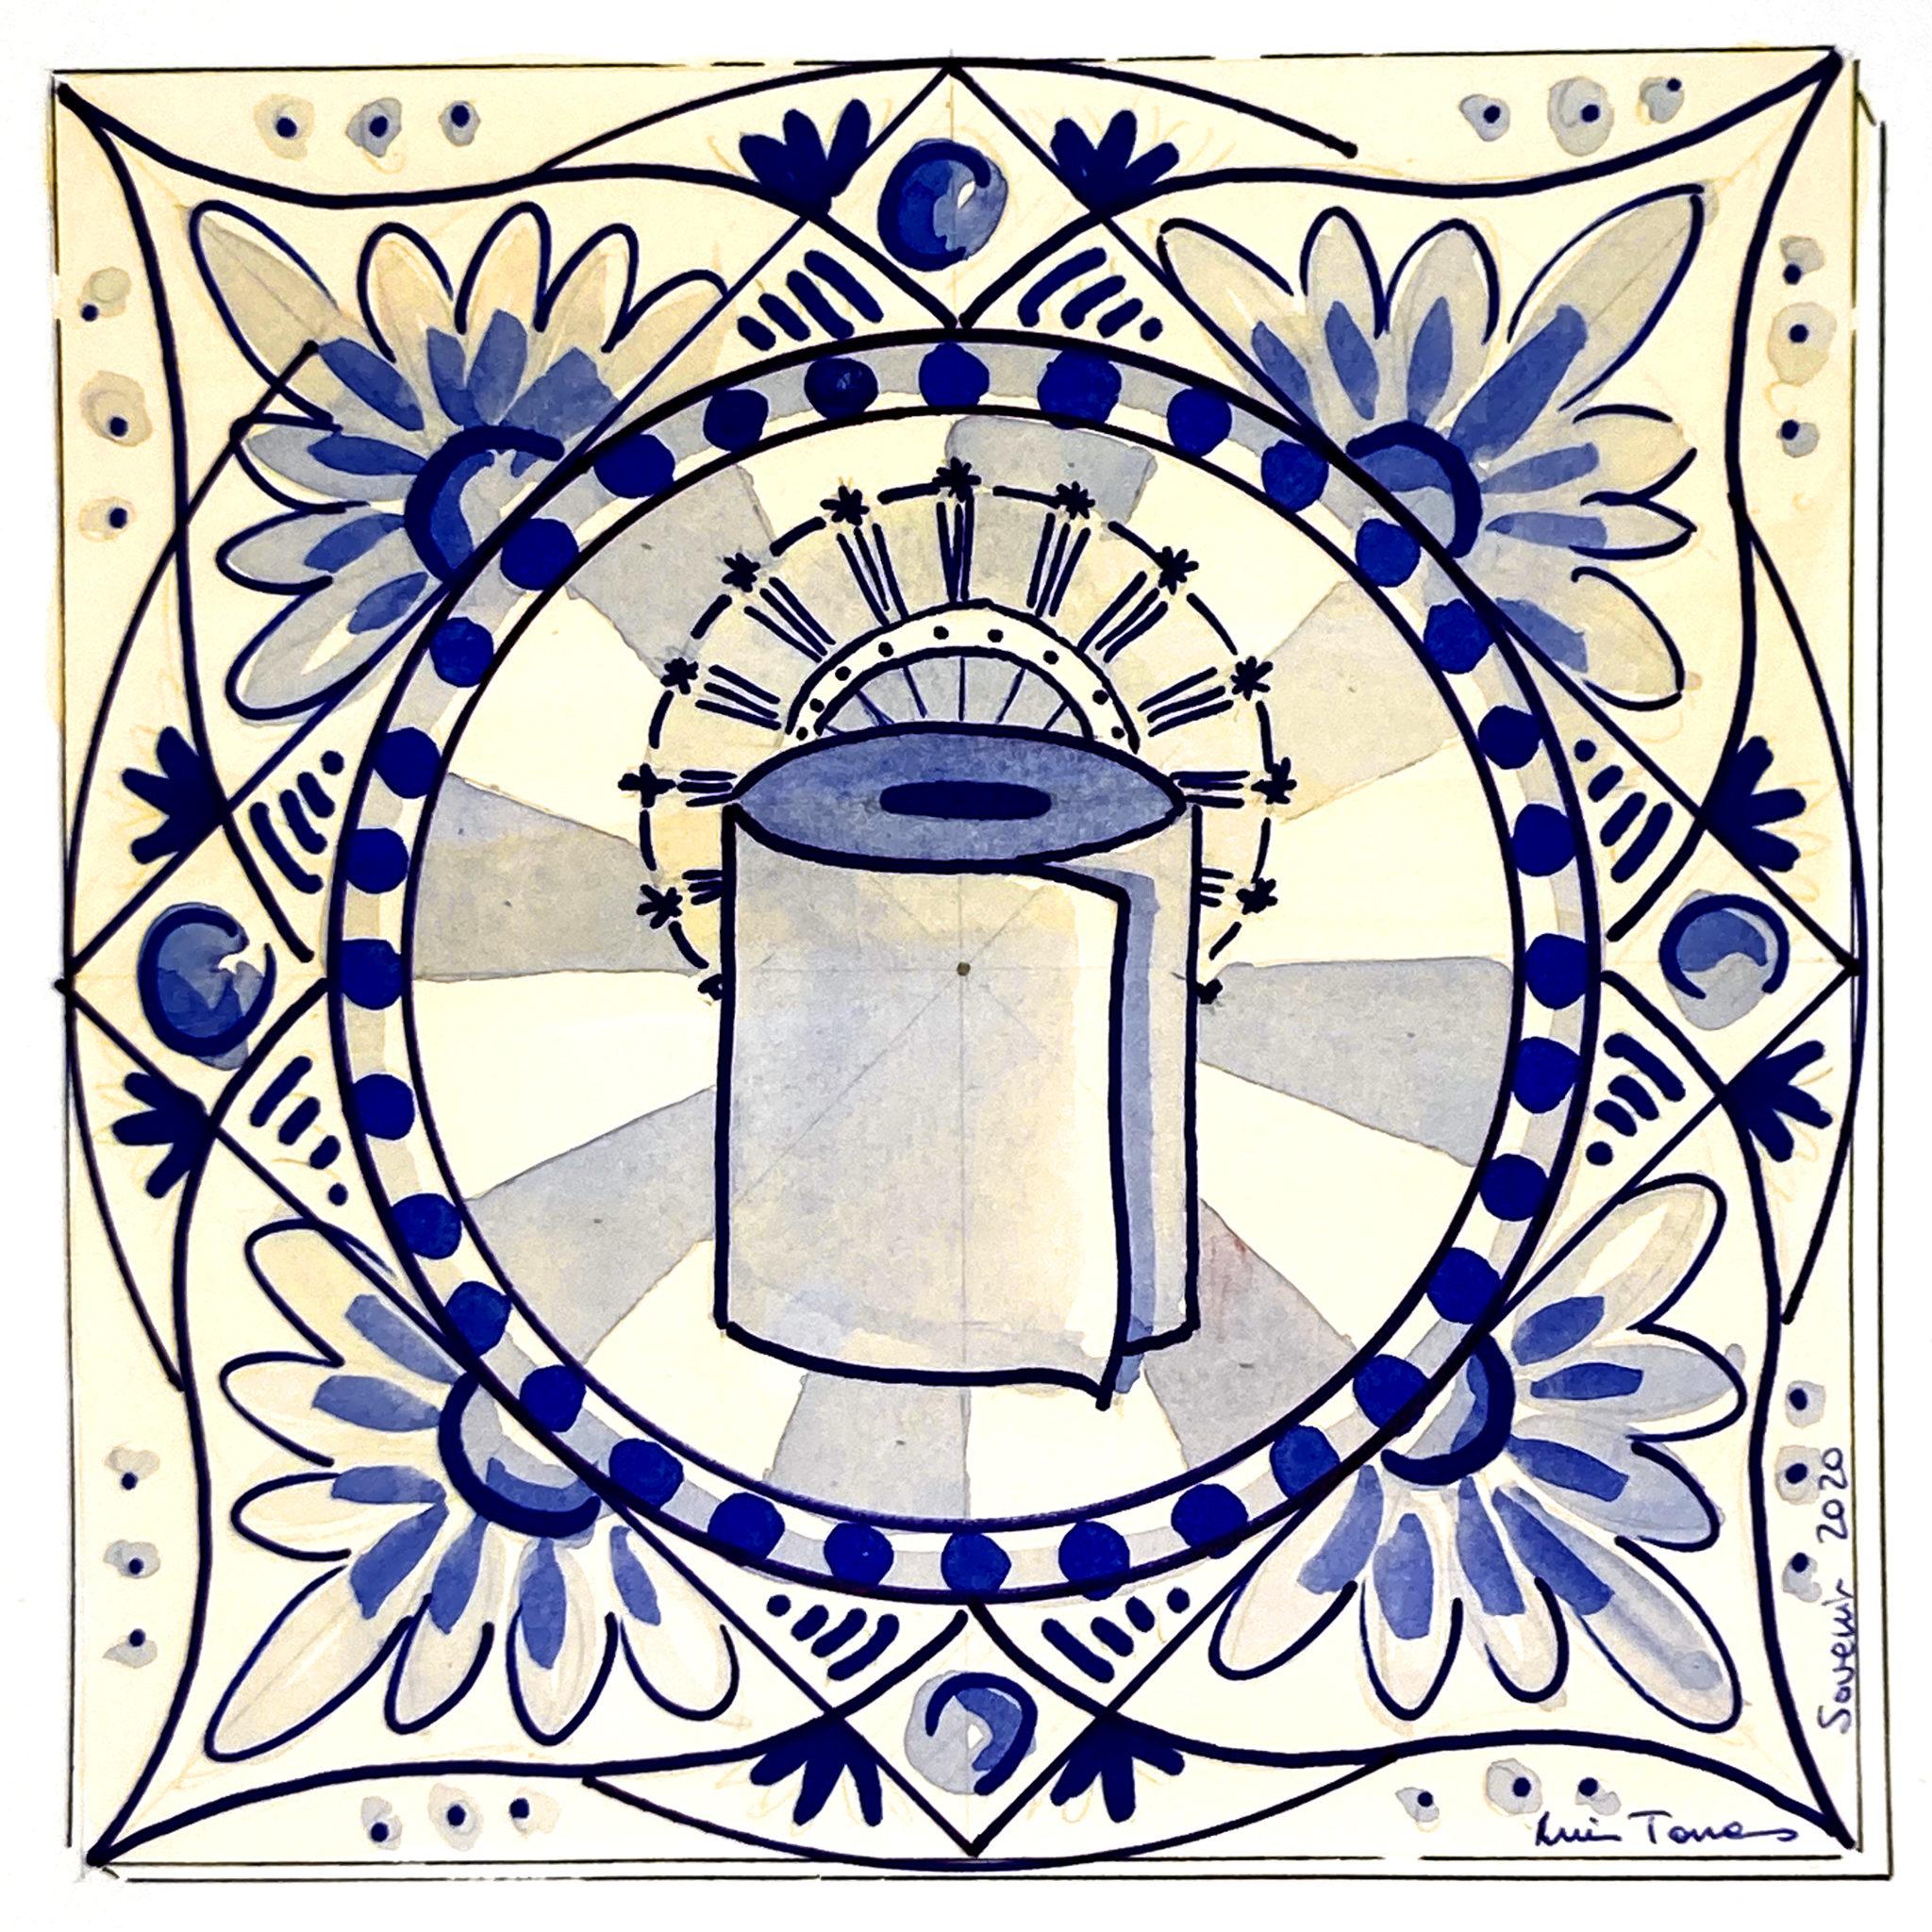 Azulejo tradicional cerámica española diseño moderno recuerdo souvenir del confinamiento 2020 cuando no había papel higiénico